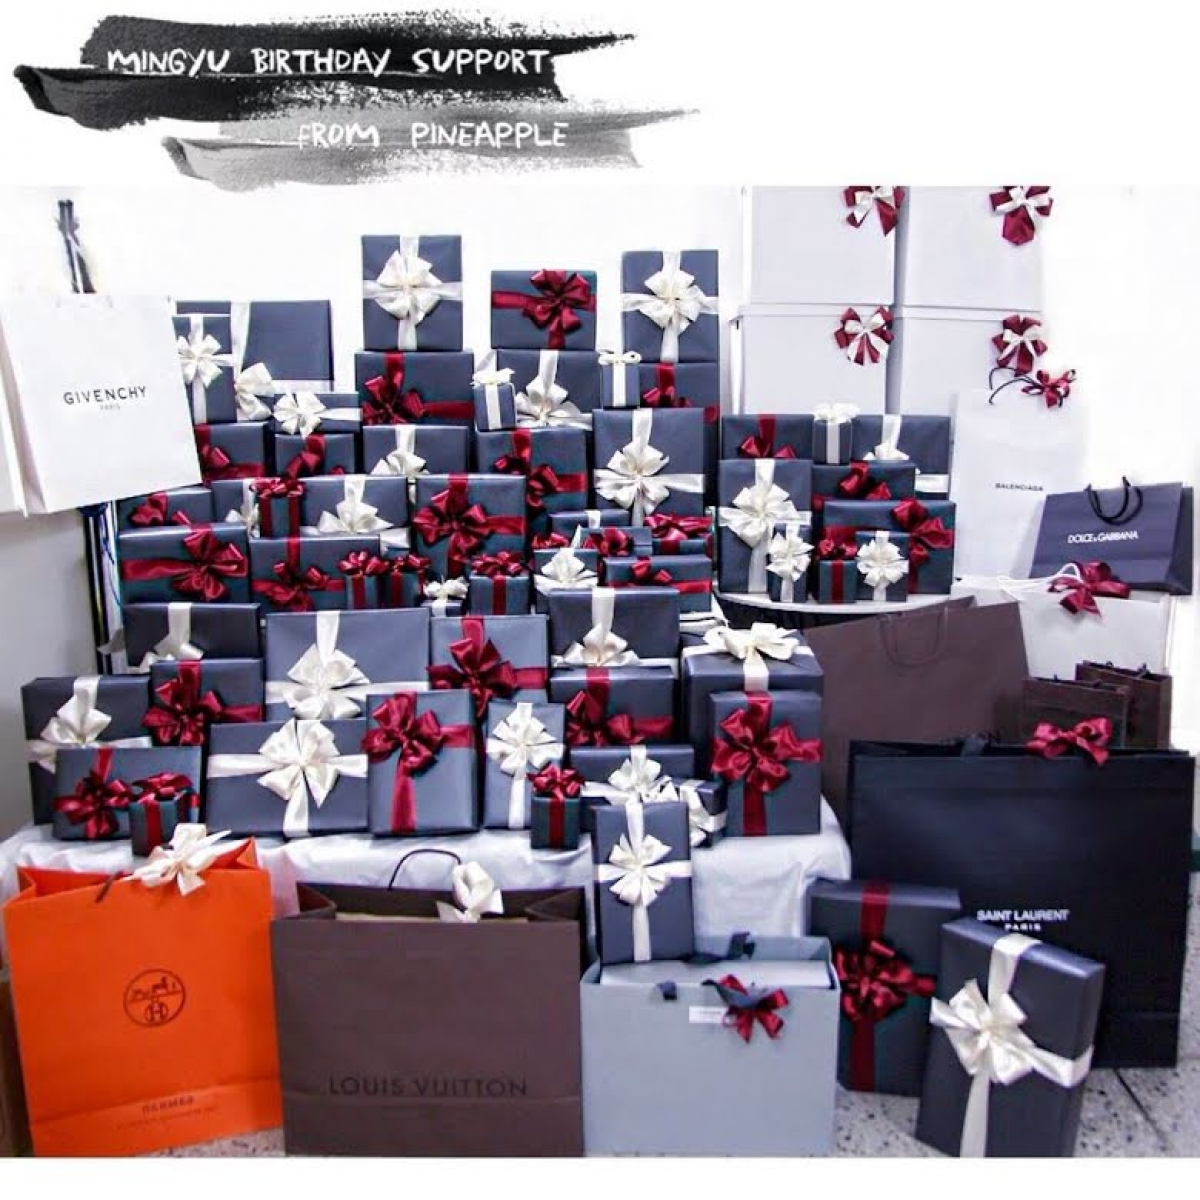 Vào dịp sinh nhật 20 tuổi (tuổi Hàn Quốc), Min Gyu(Seventeen) đã nhận được rất nhiều quà từ người hâm mộ. Trong đó có cảcác thương hiệu xa xỉ như Givenchy,Dolce & Gabbana,Saint LaurentvàLouis Vuitton.